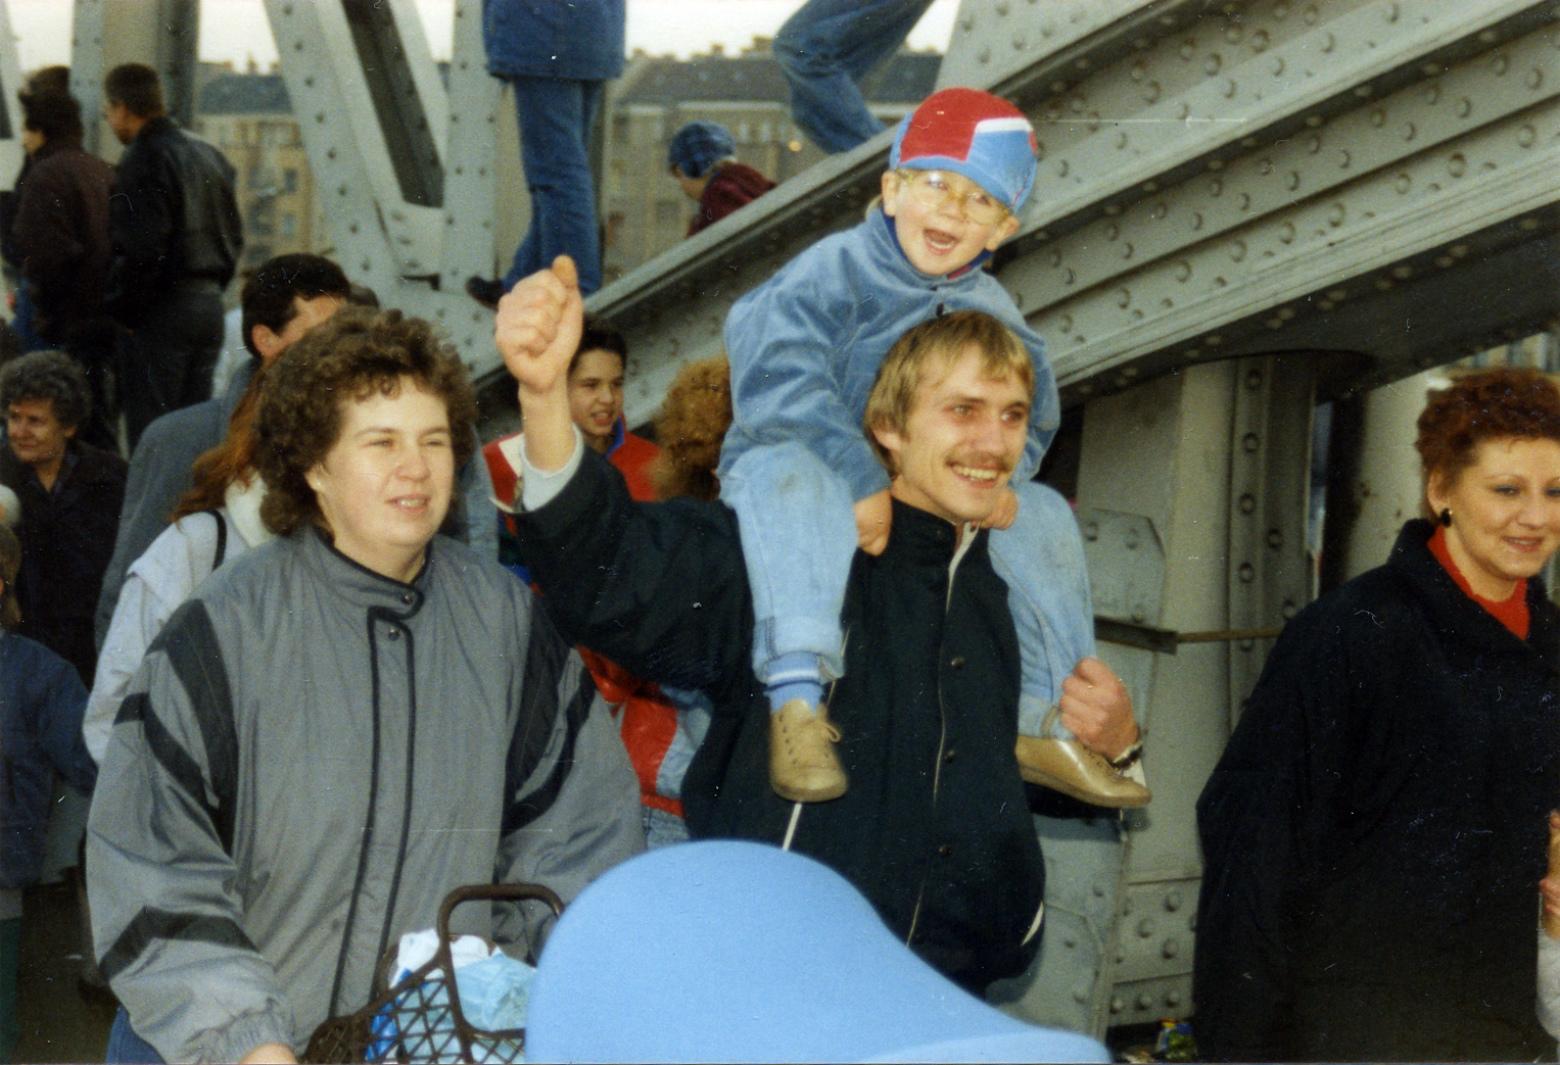 Geschichte wird gemacht: Jubelnde Menschen auf der Bösebrücke am Grenzübergang Bornhomer Straße in Berlin, 10. November 1989. Zeitzeugen tragen persönlich Erlebtes weiter. Sie helfen, Geschichte zu verstehen und Zukunft zu gestalten. Warum ist das wichtig? In: Prinzip Apfelbaum. Magazin über das, was bleibt. Foto: Jean-Marie Delbot/CC BY-NC-ND